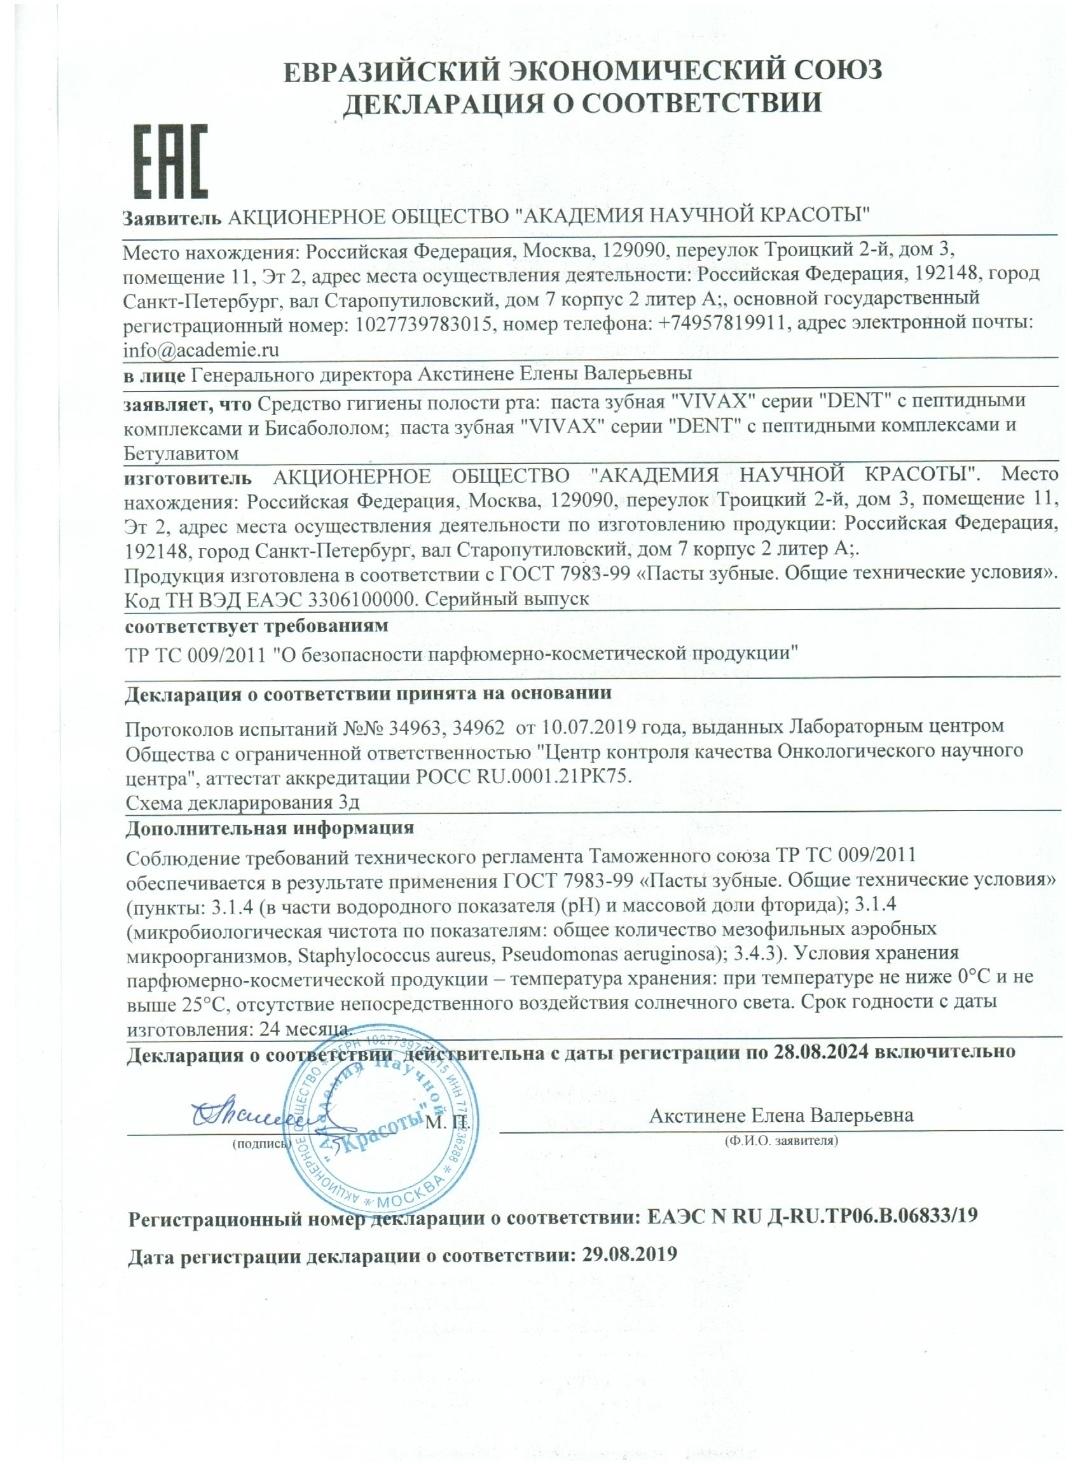 VIVAX DENT зубная паста с пептидами и Бисабололом - Декларация соответствия